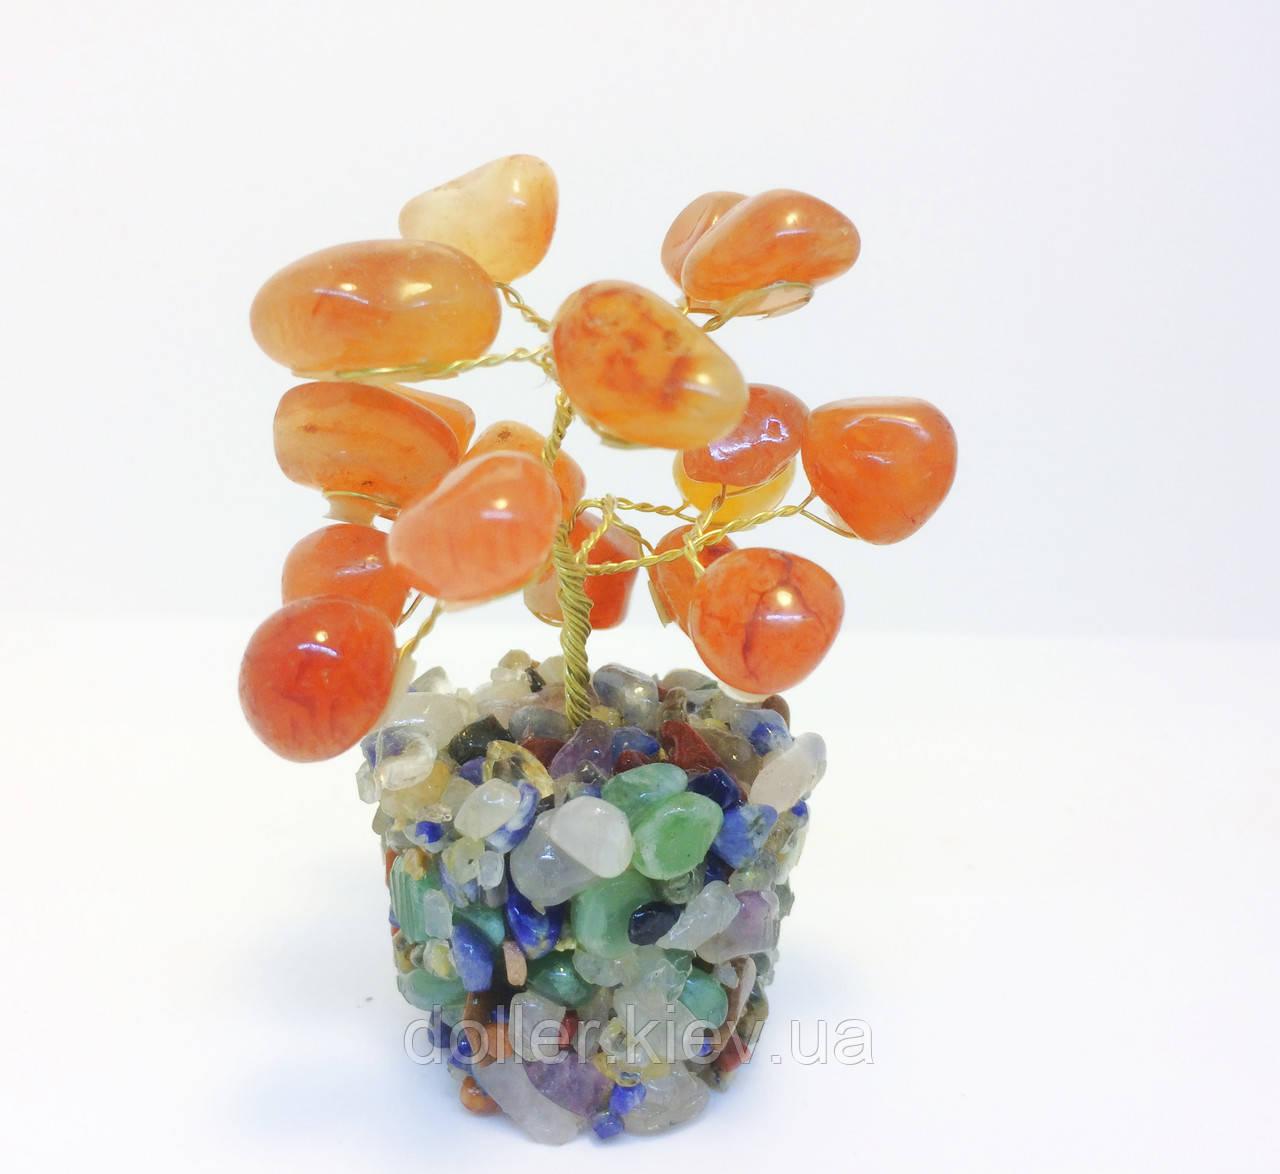 Дерева з каміння | сувенірна деревце з сердоліку S | сердоликовые дерева